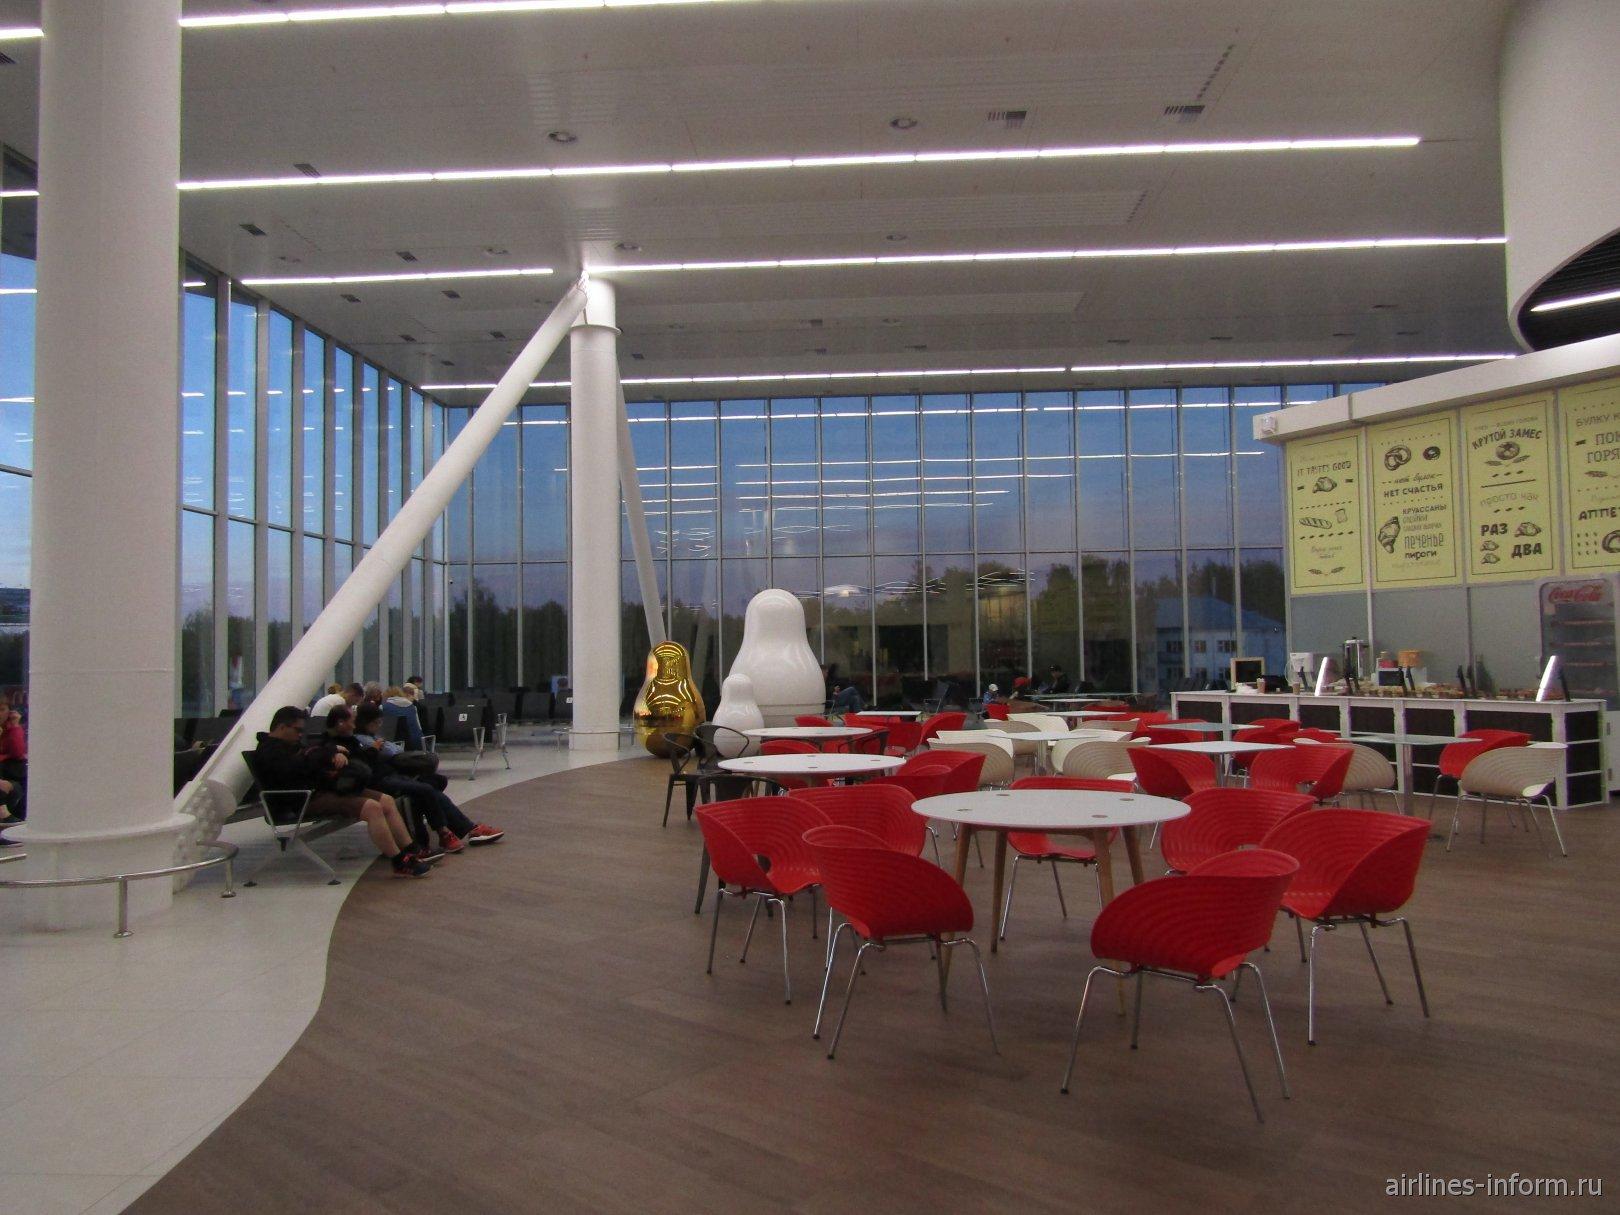 Нижегородские матрешки и кафе на втором этаже аэровокзала аэропорта Стригино